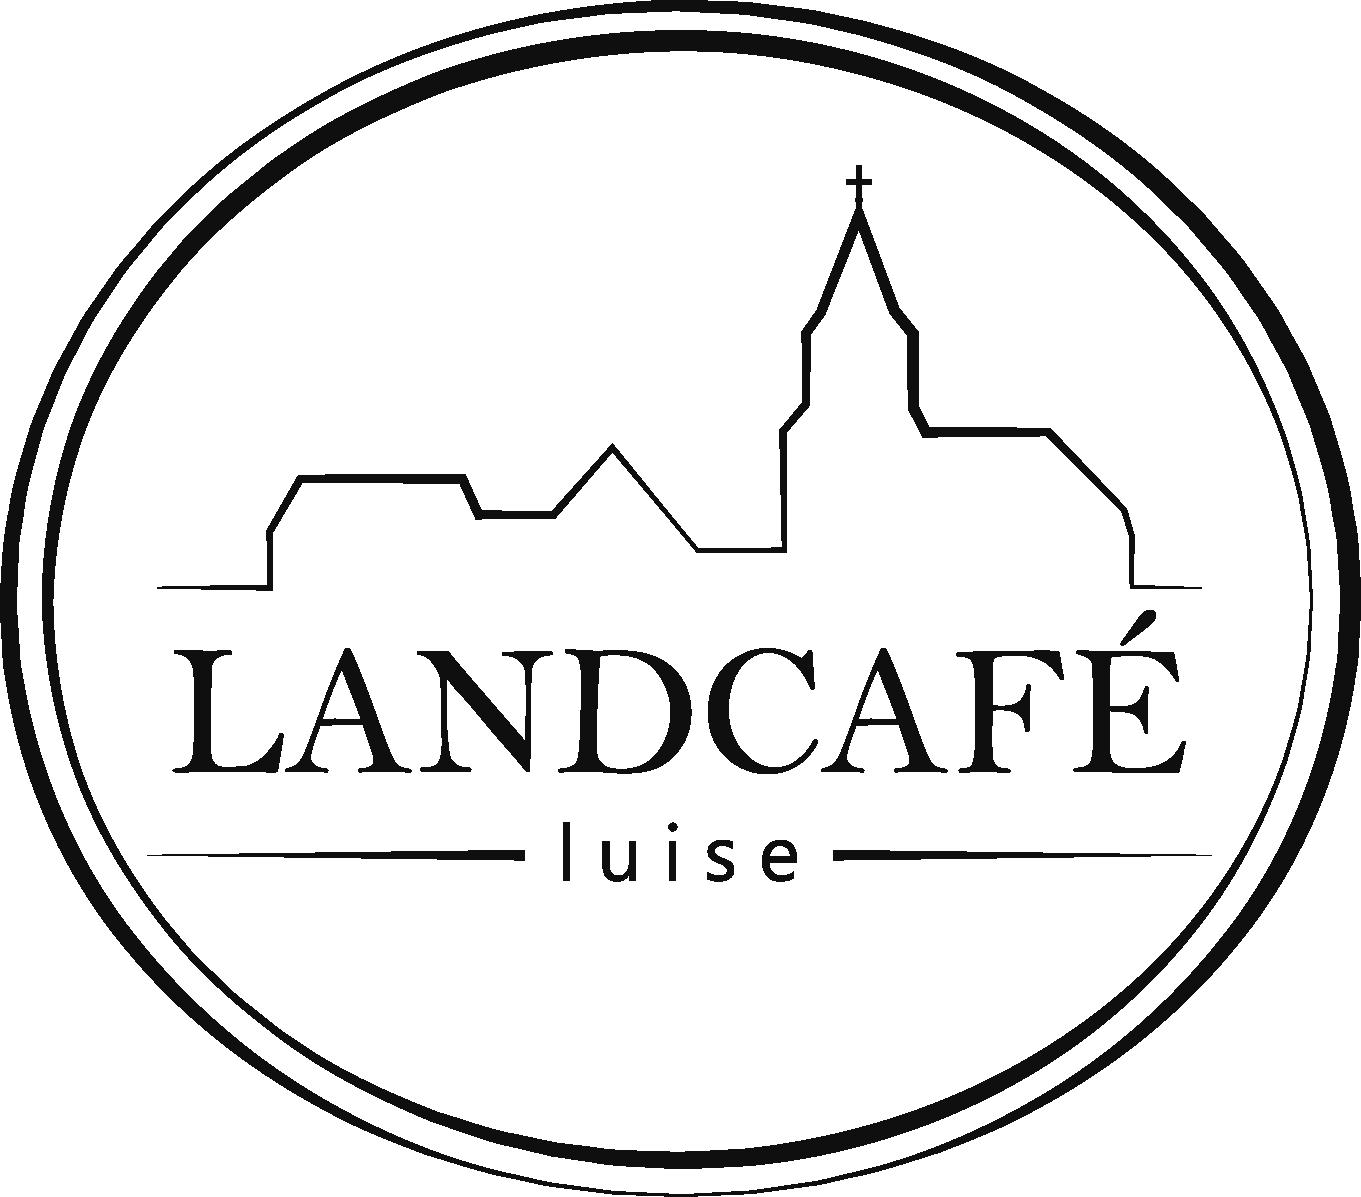 gemütliches Landcafe/Hofcafe sucht ANSPRECHENDES Logo